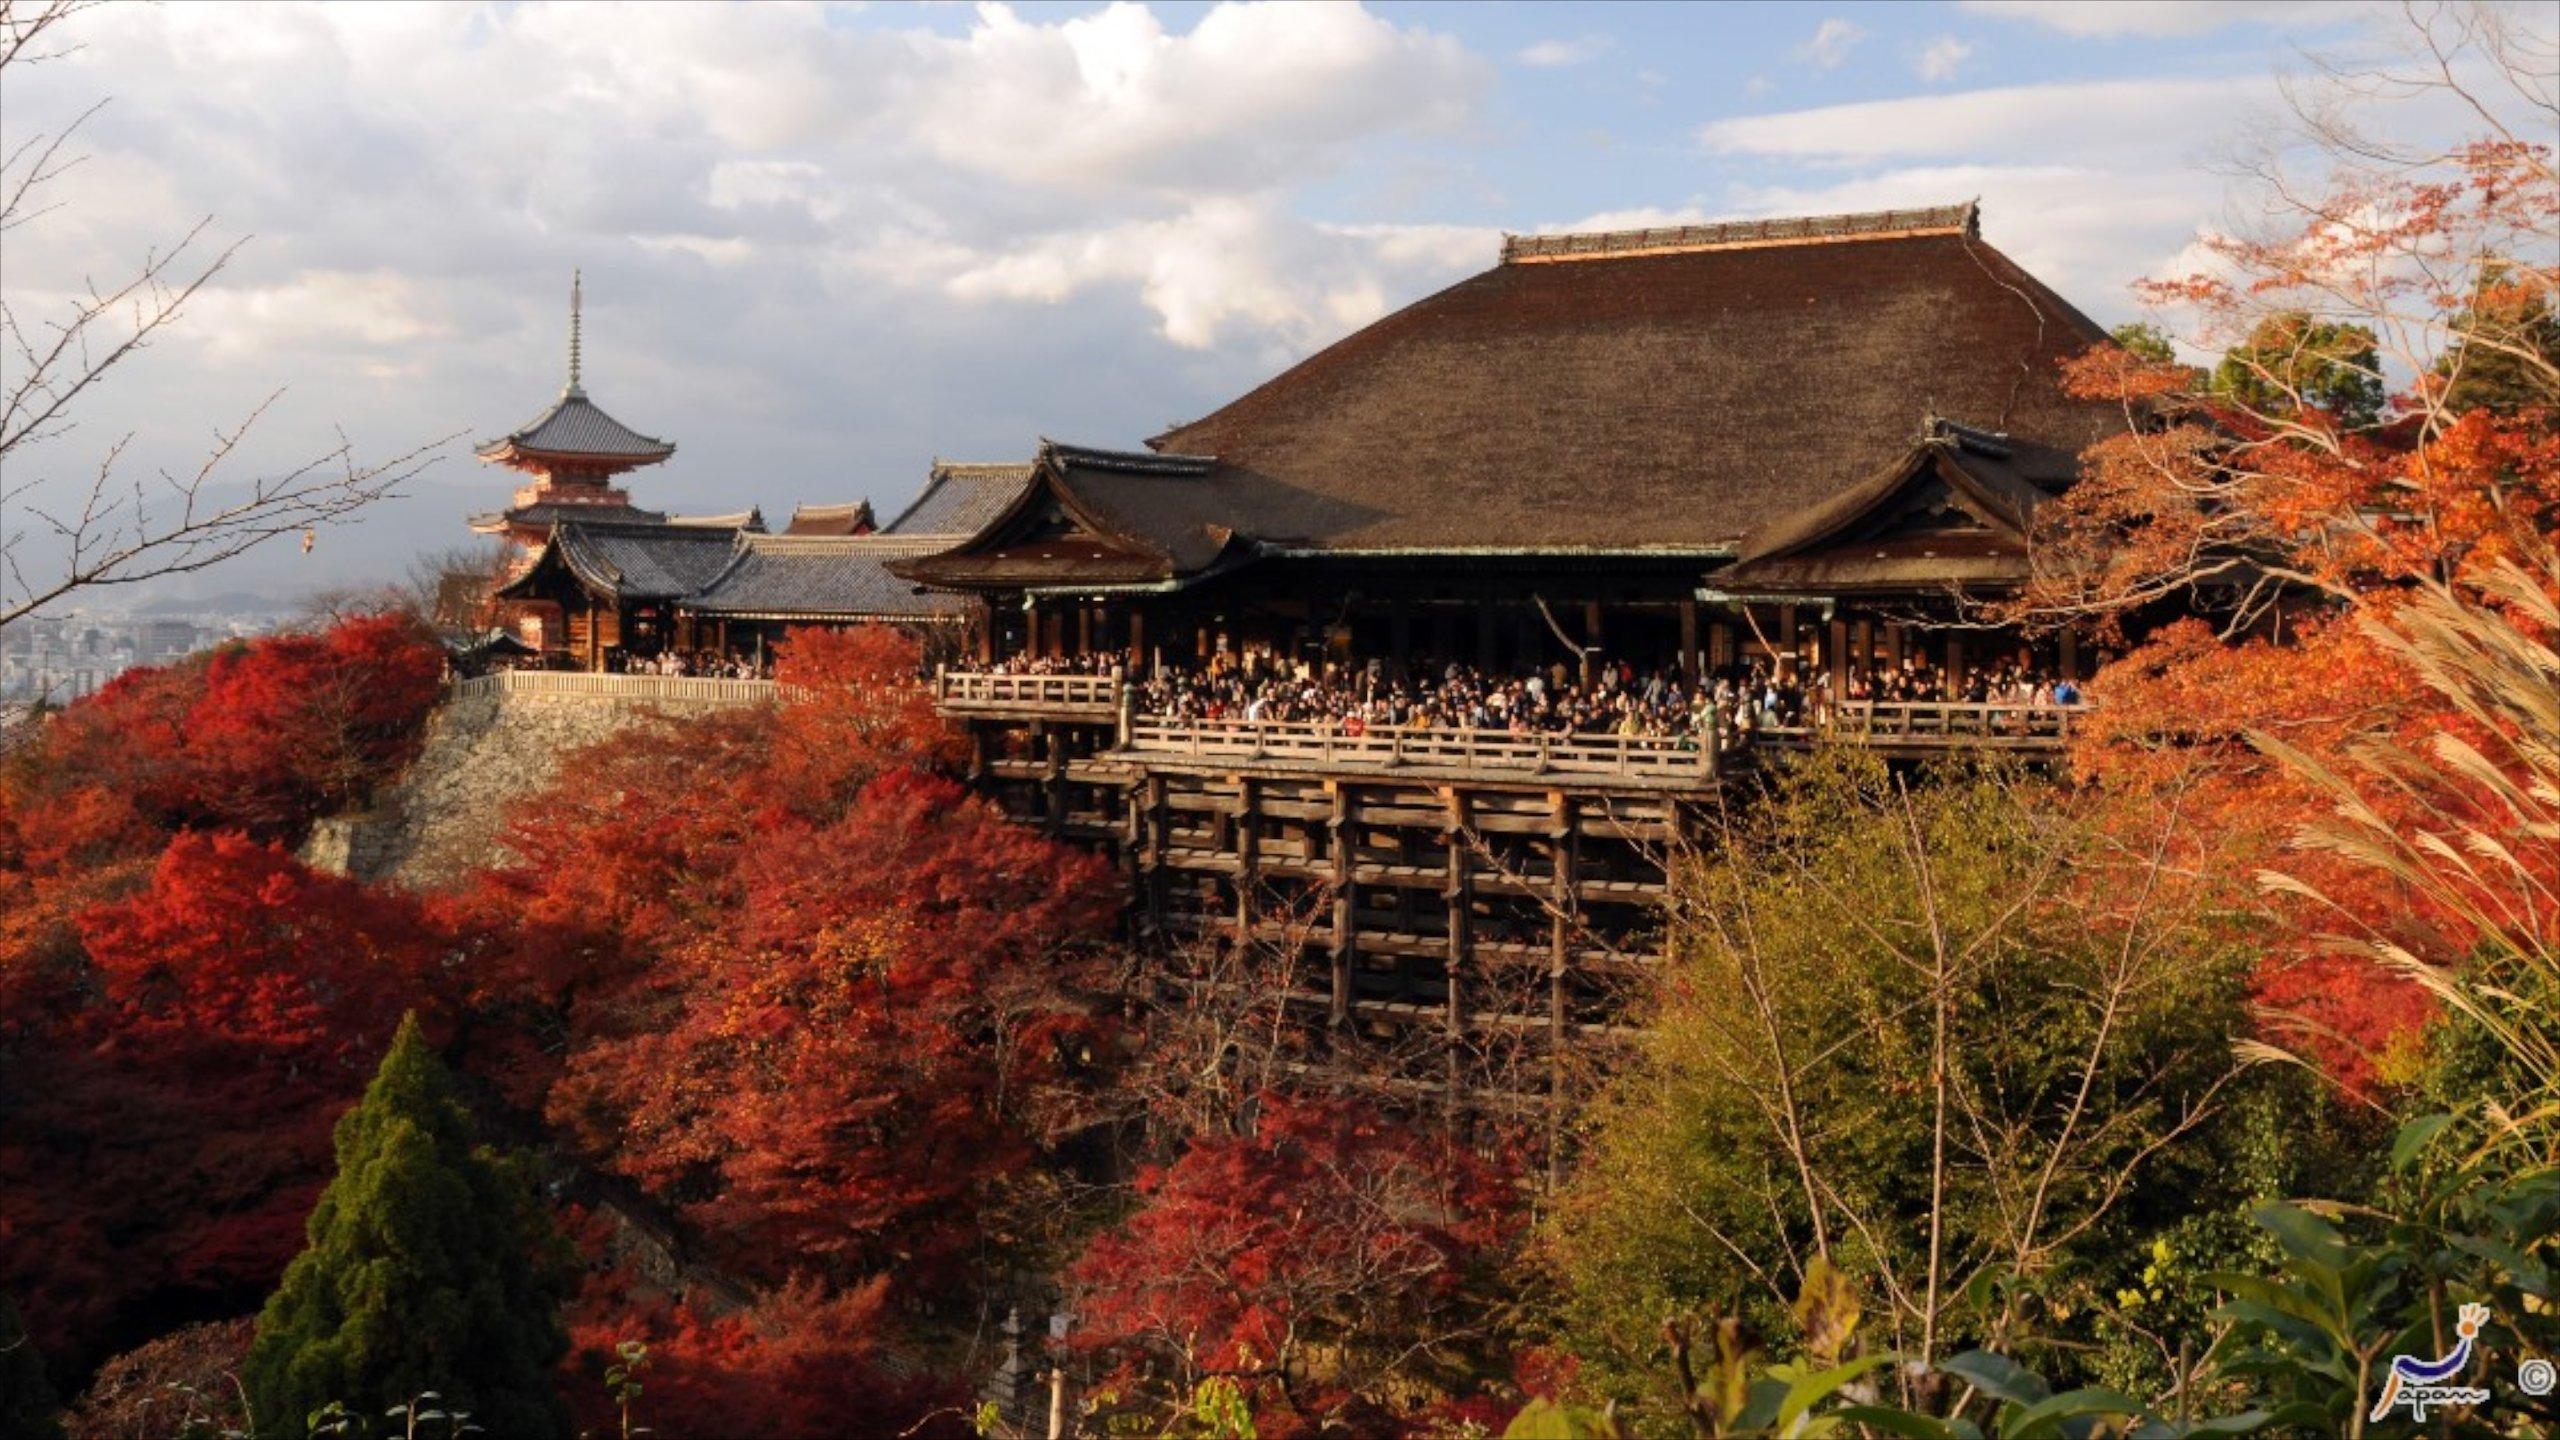 Deze tempel is volledig zonder spijkers gebouwd op lange palen. De tempel staat op de Werelderfgoedlijst en biedt je schoonheid en geschiedenis.